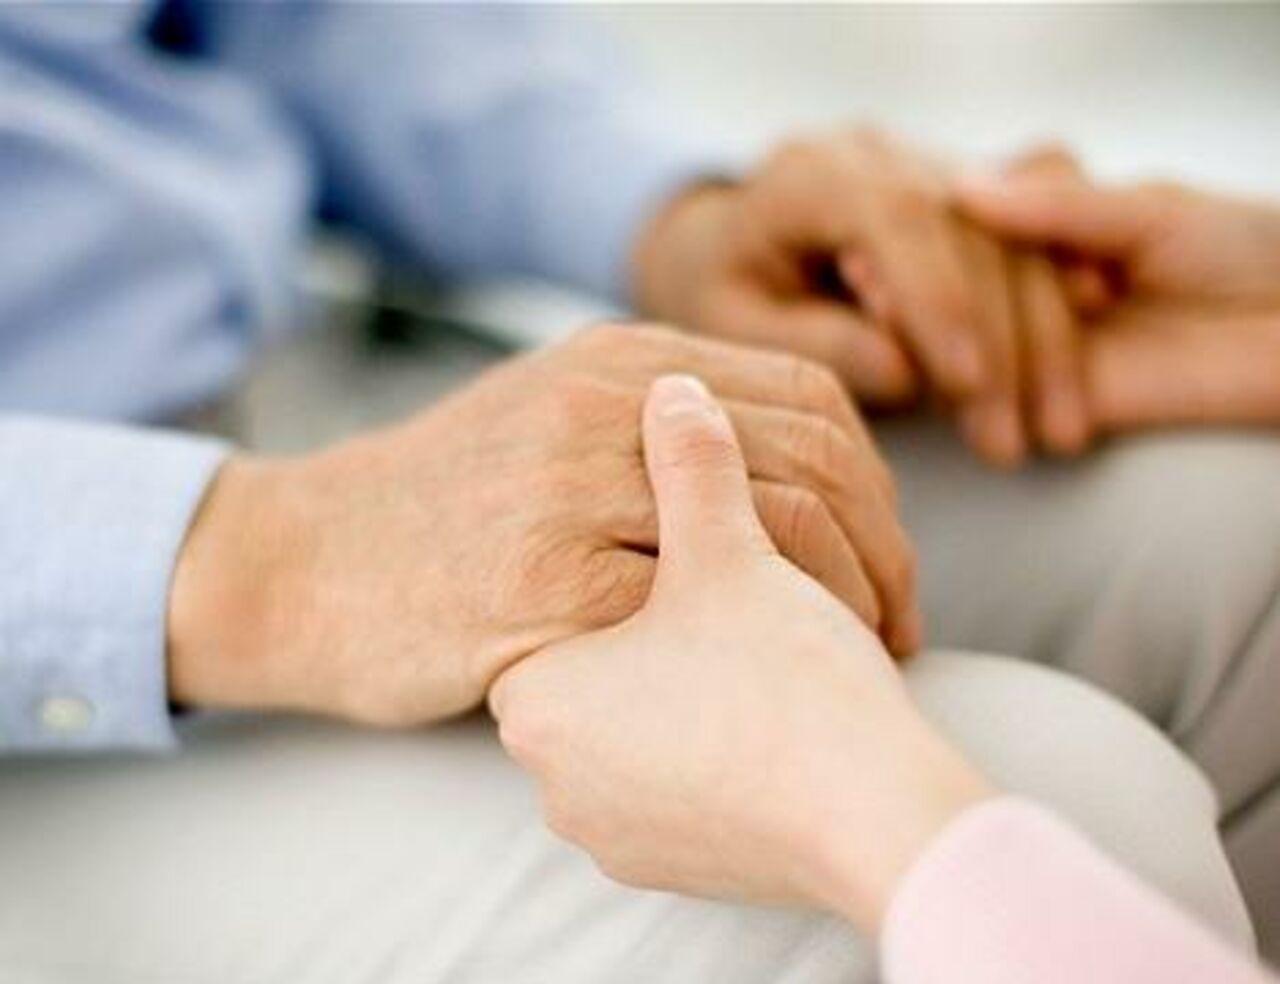 За проведением эвтаназии в клиники женщины обращаются на 70% чаще мужчин. Таковы итоги совместного исследования европейских учёных